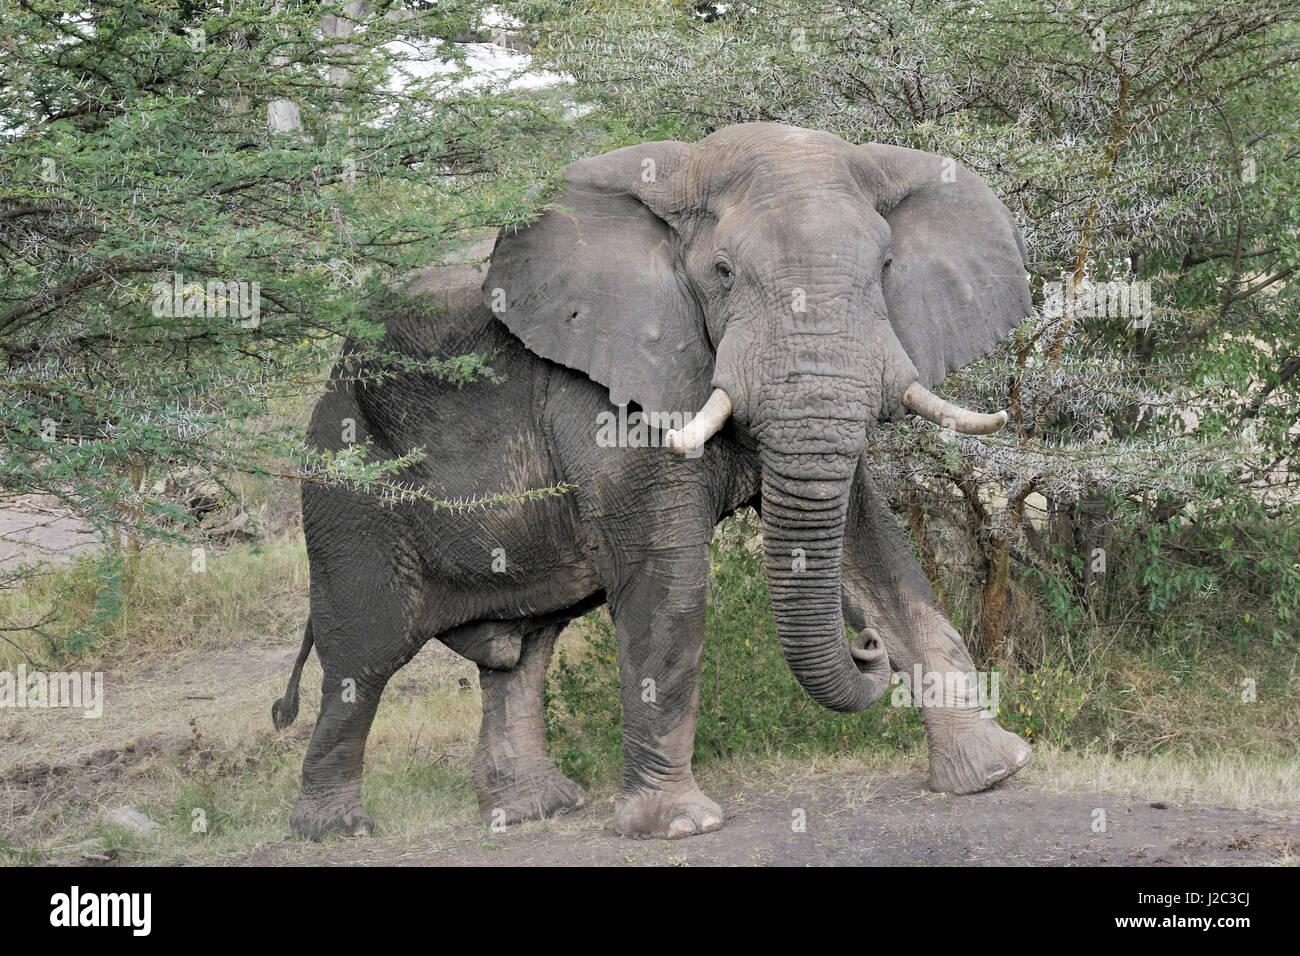 Afrikanischer Elefant (Loxodonta Africana) zwischen Acaciatree, Blick in die Kamera, Serengeti Nationalpark, Tansania. Stockbild